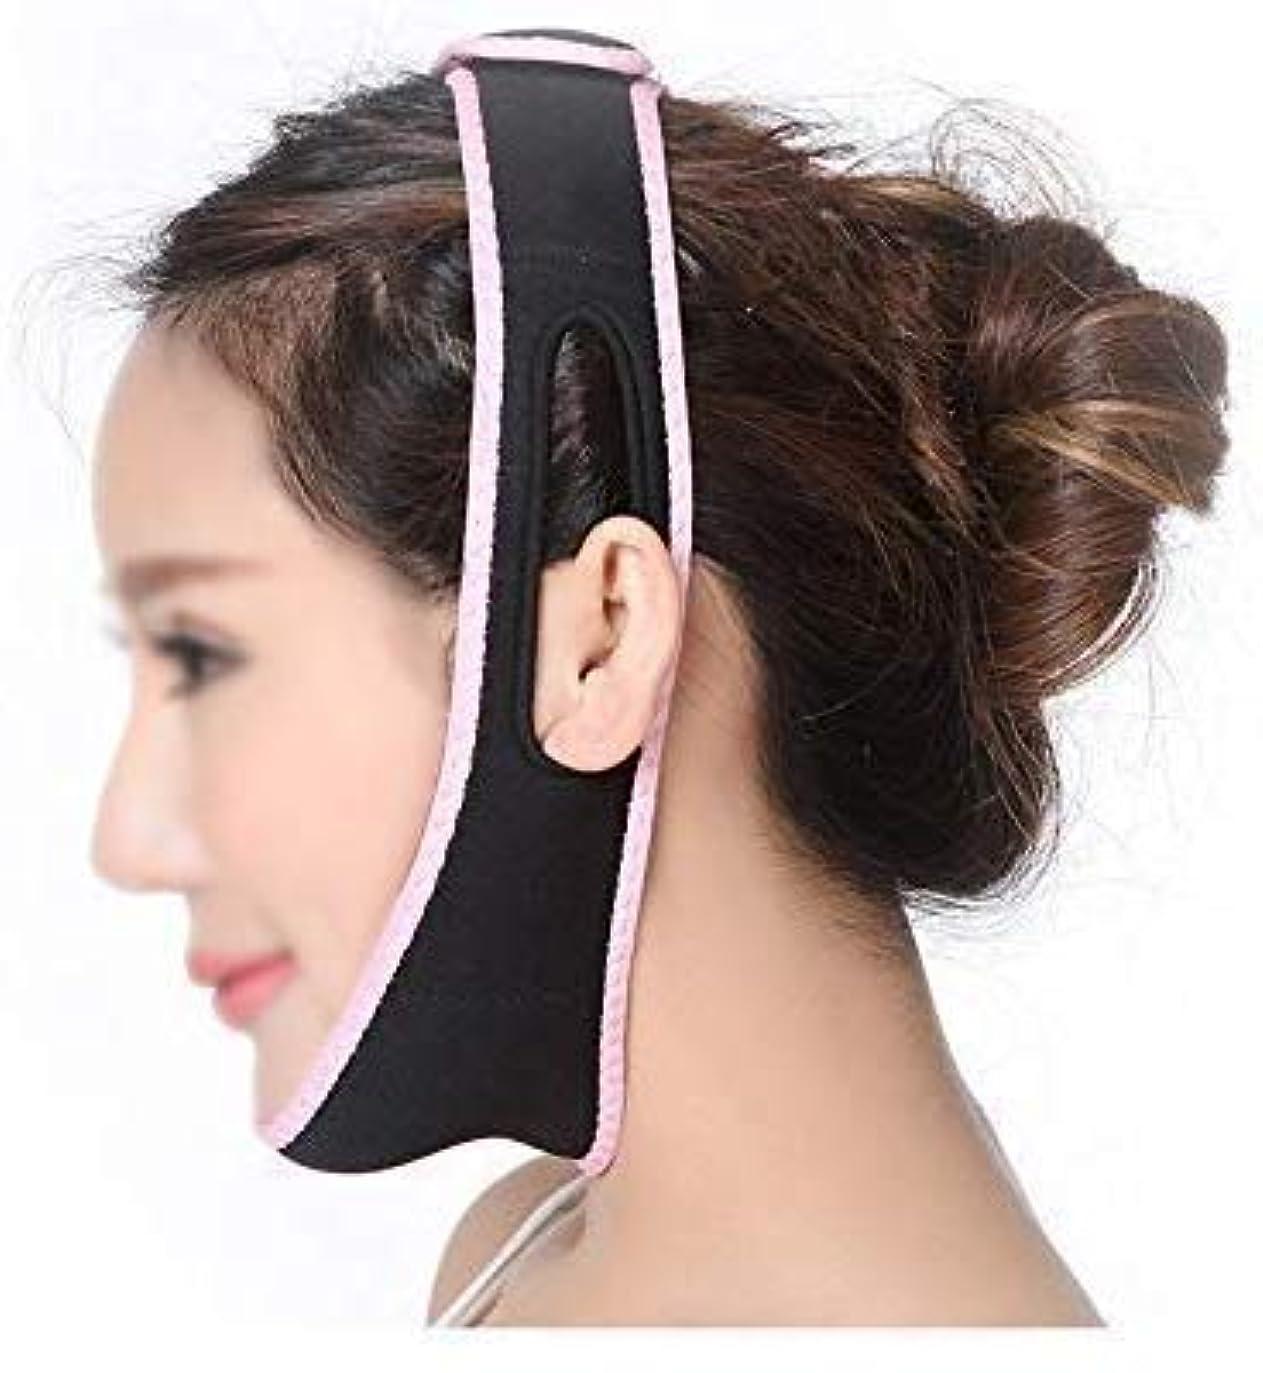 パーセント折終点美容と実用的なファーミングフェイスマスク、フェイスリフトフェイシャルシンフェイスアーティファクトスリープ付き3DシンフェイスシンフェイスマスクスモールVフェイスバンデージからダブルチンシンフェイスリフター引き締め包帯